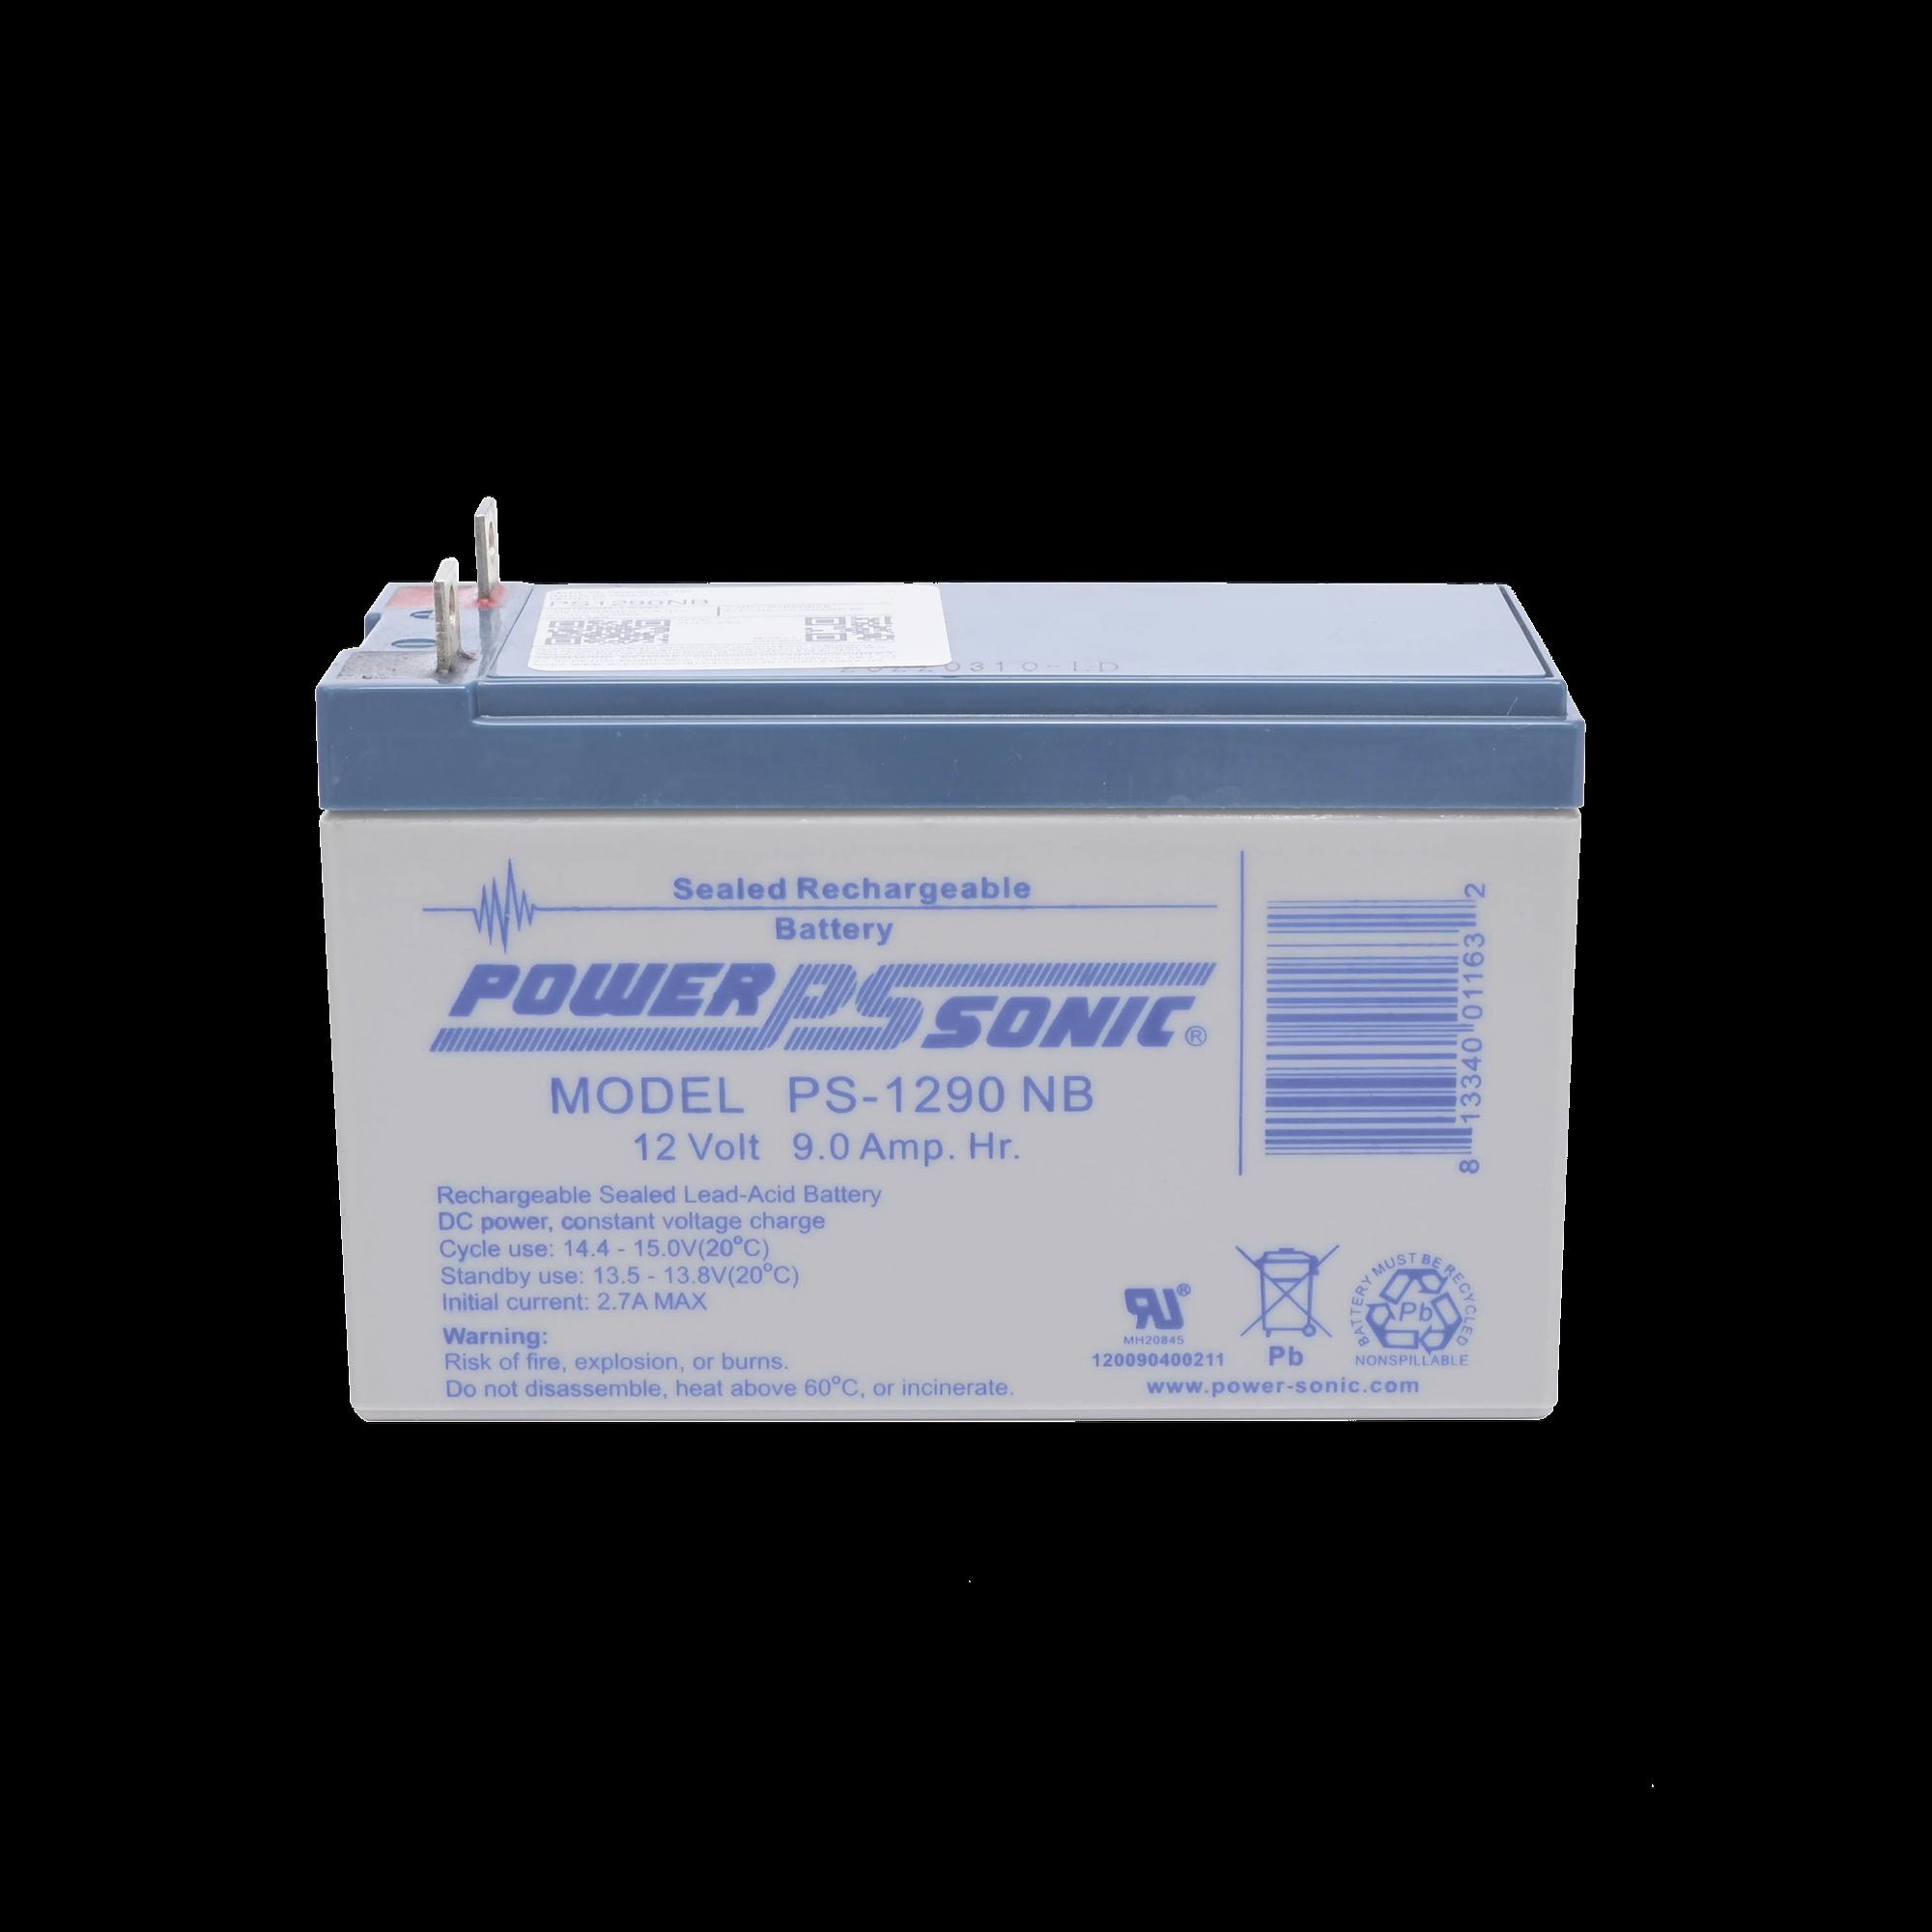 Batería de Respaldo UL de 12V 9AH / Ideal para Sistemas de Detección de Incendio / Control de Acceso / Intrusión / Videovigilancia / Terminales Tipo NB